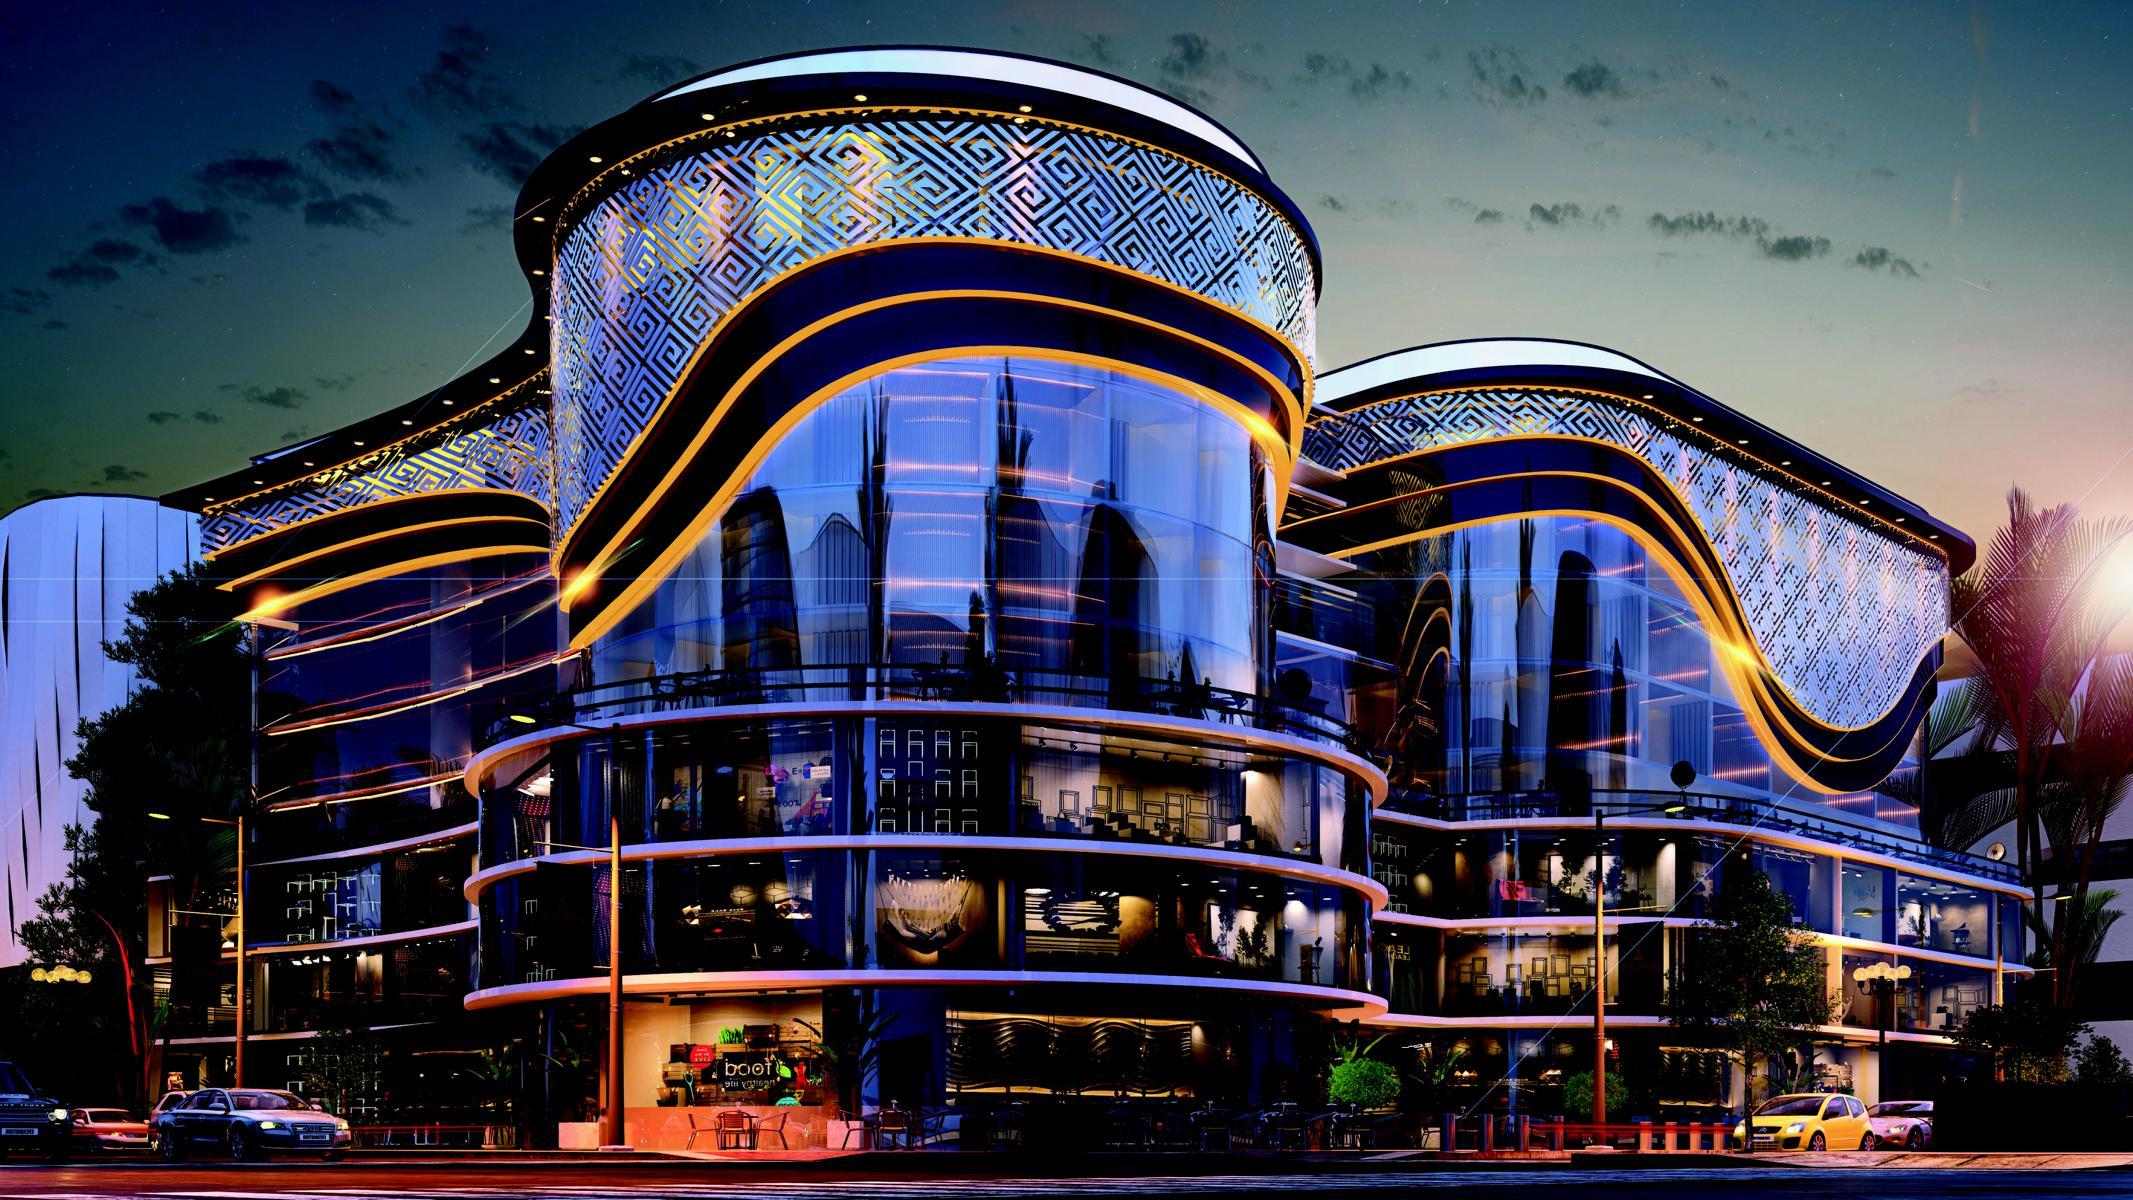 حي المال والاعمال – مول شانزليزيه – Champ Elysees Mall